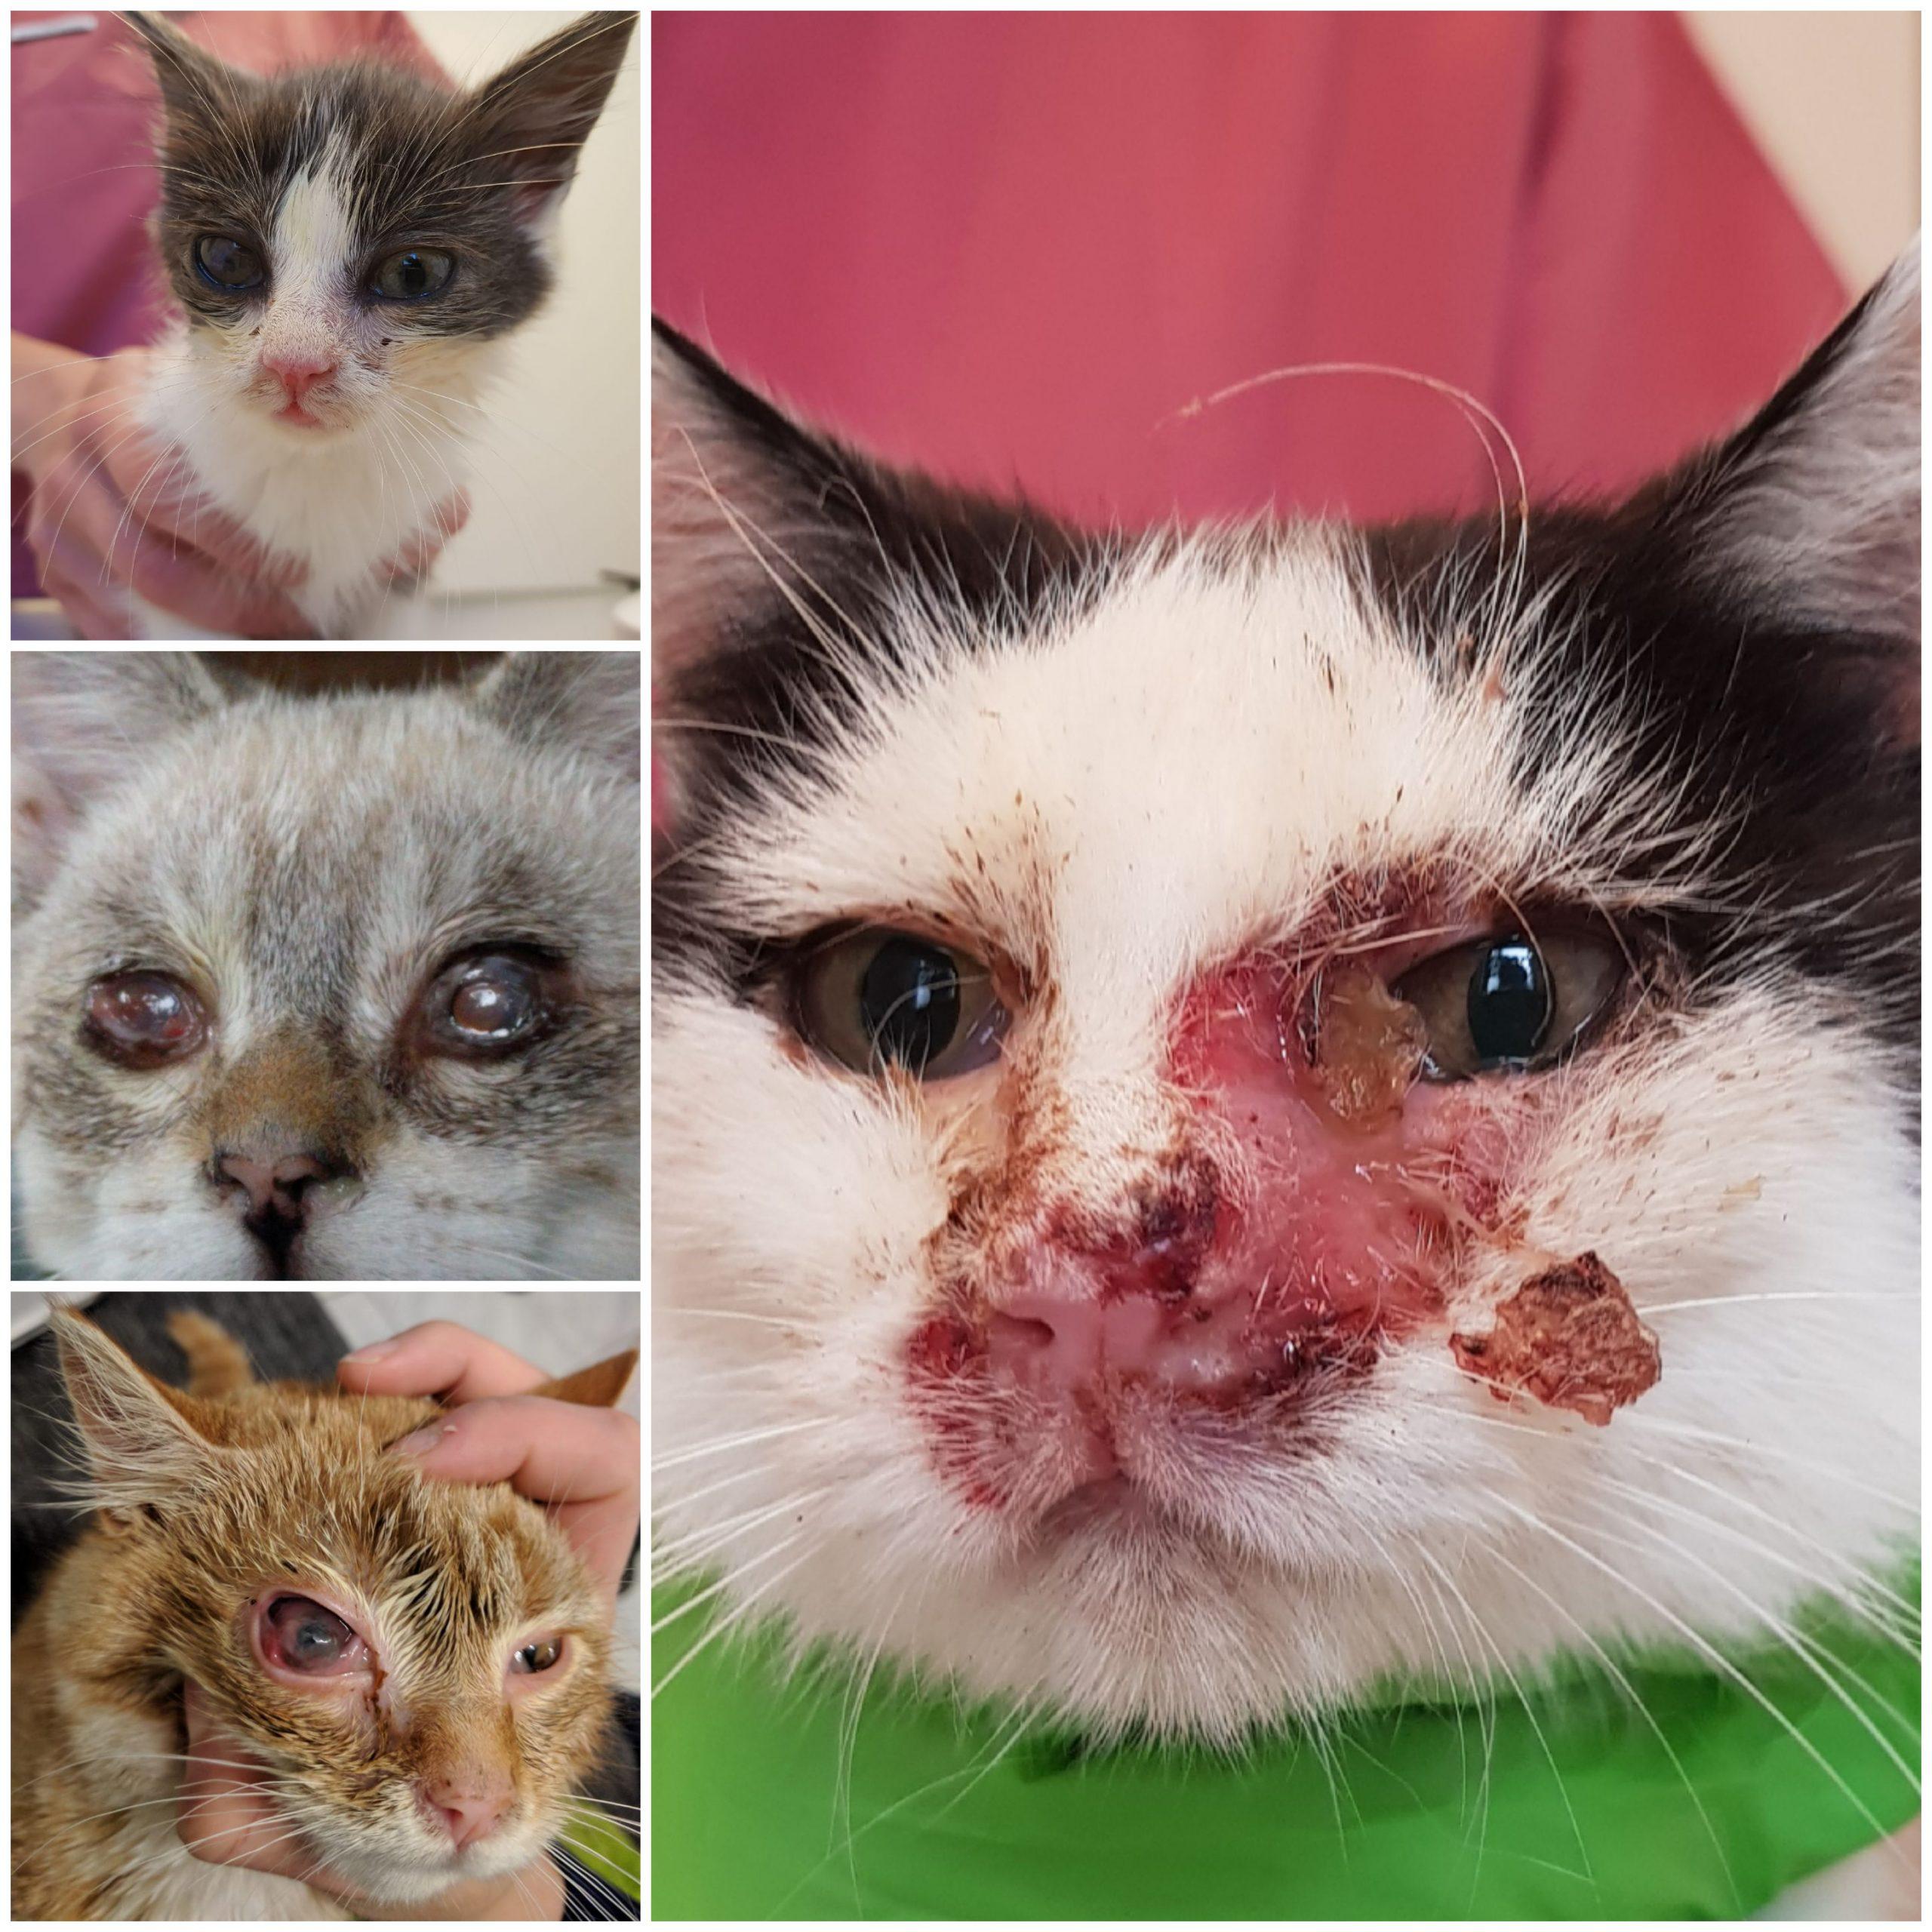 Katzenschnupfen, Kätzchen, Augenentzündung, Konjunktivitis